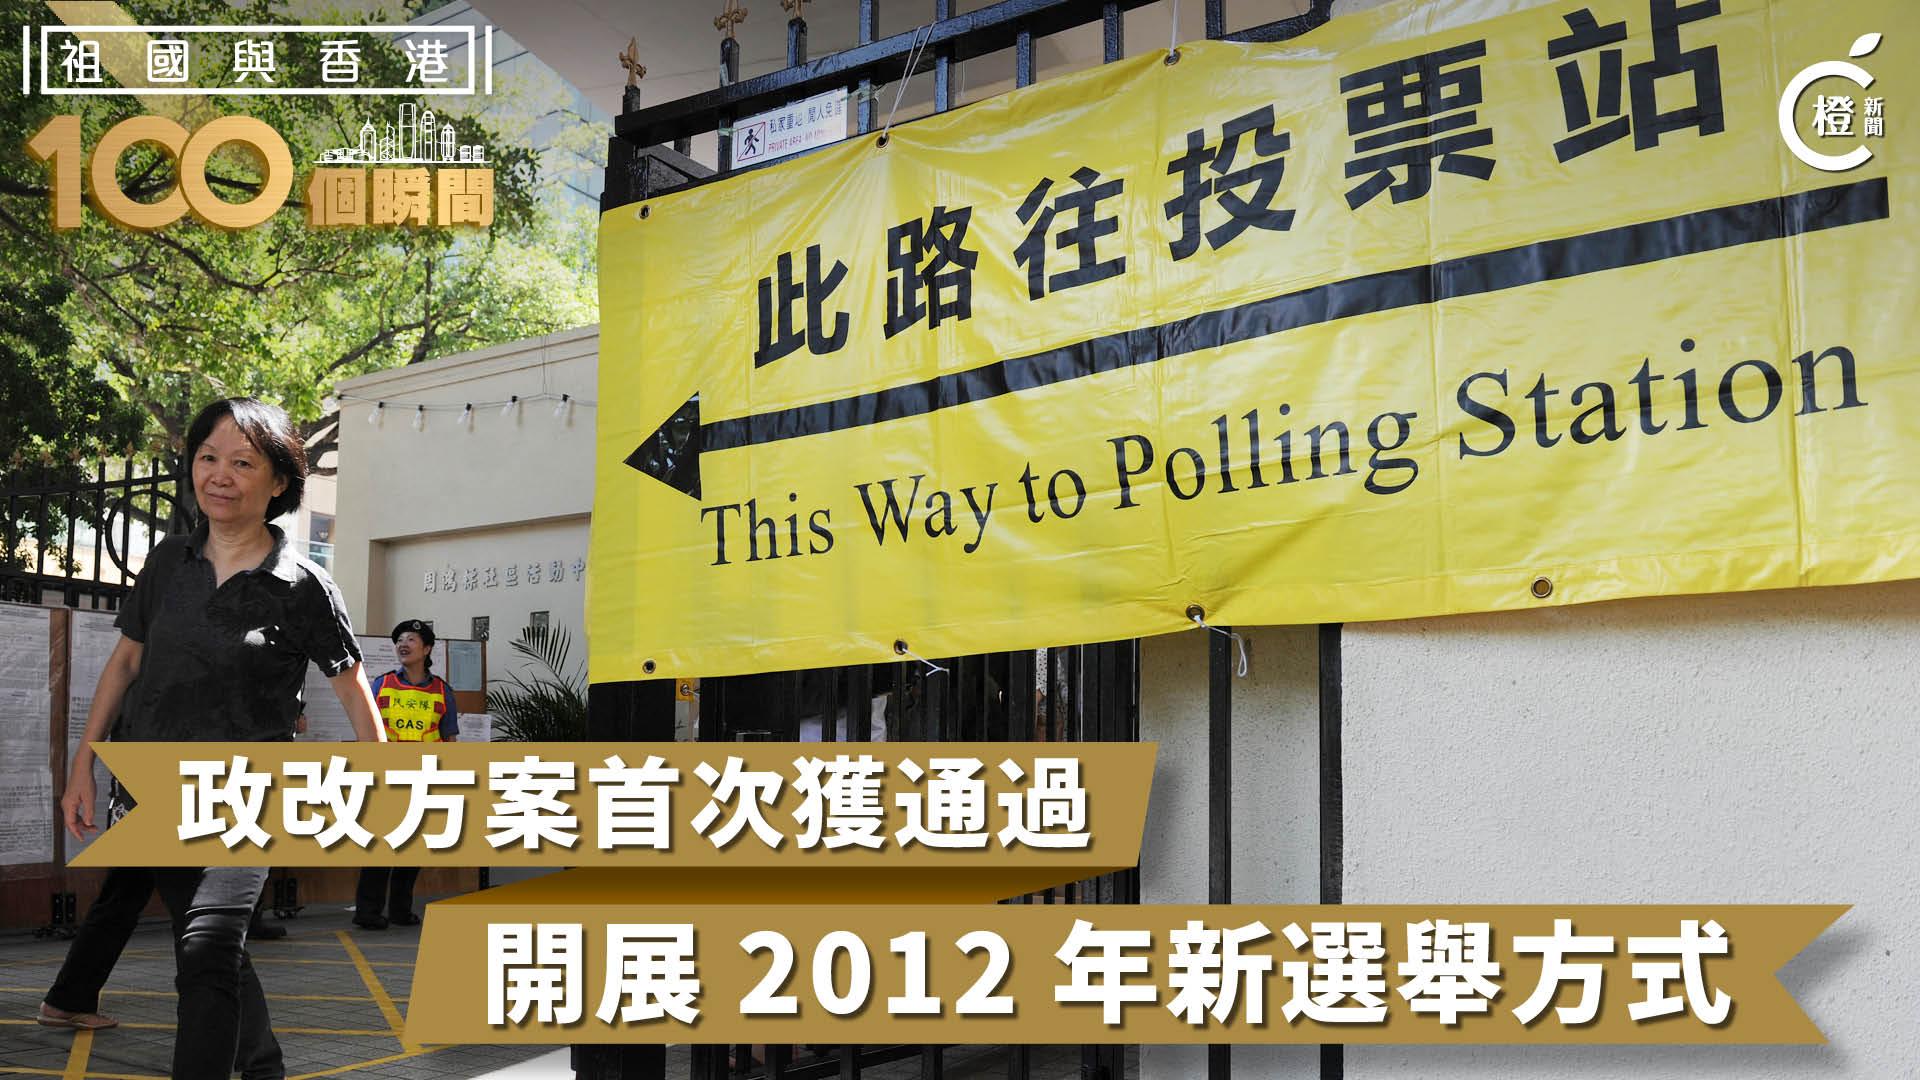 【祖國與香港100個瞬間】政改方案首次獲通過 民主發展邁出重要一步